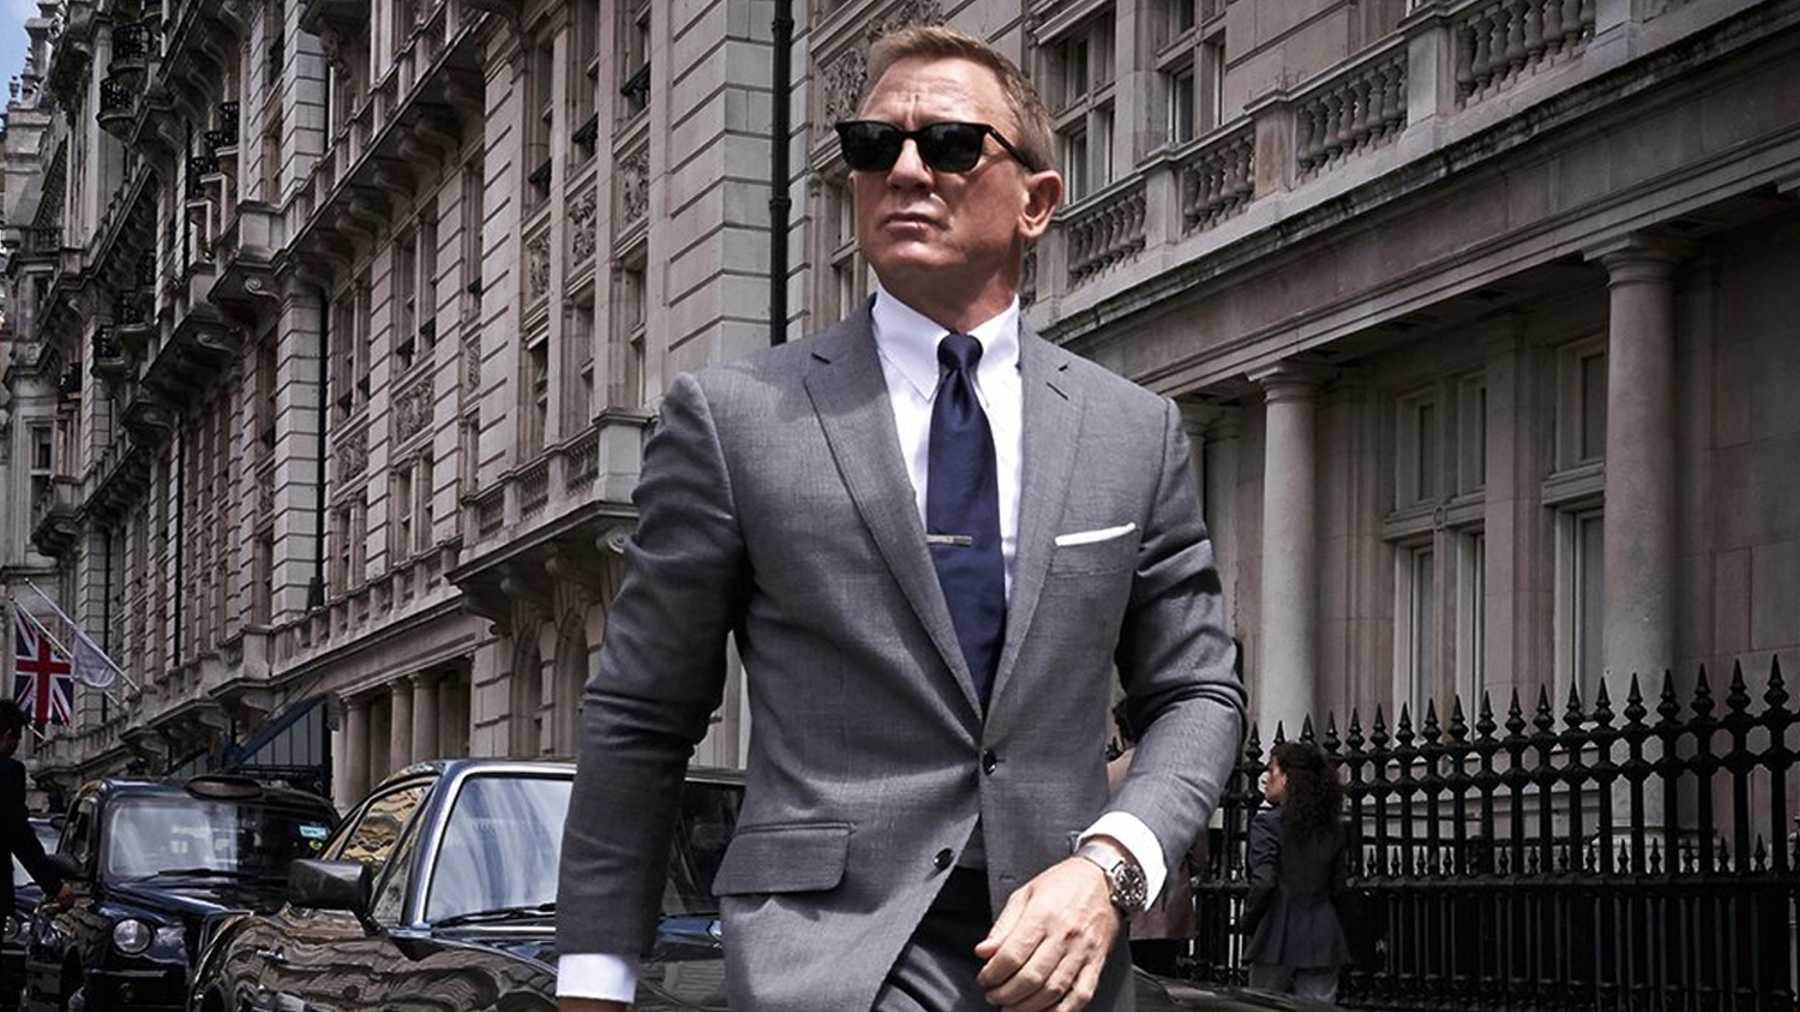 James Bond sí existió en la vida real, aquí te contamos más de él